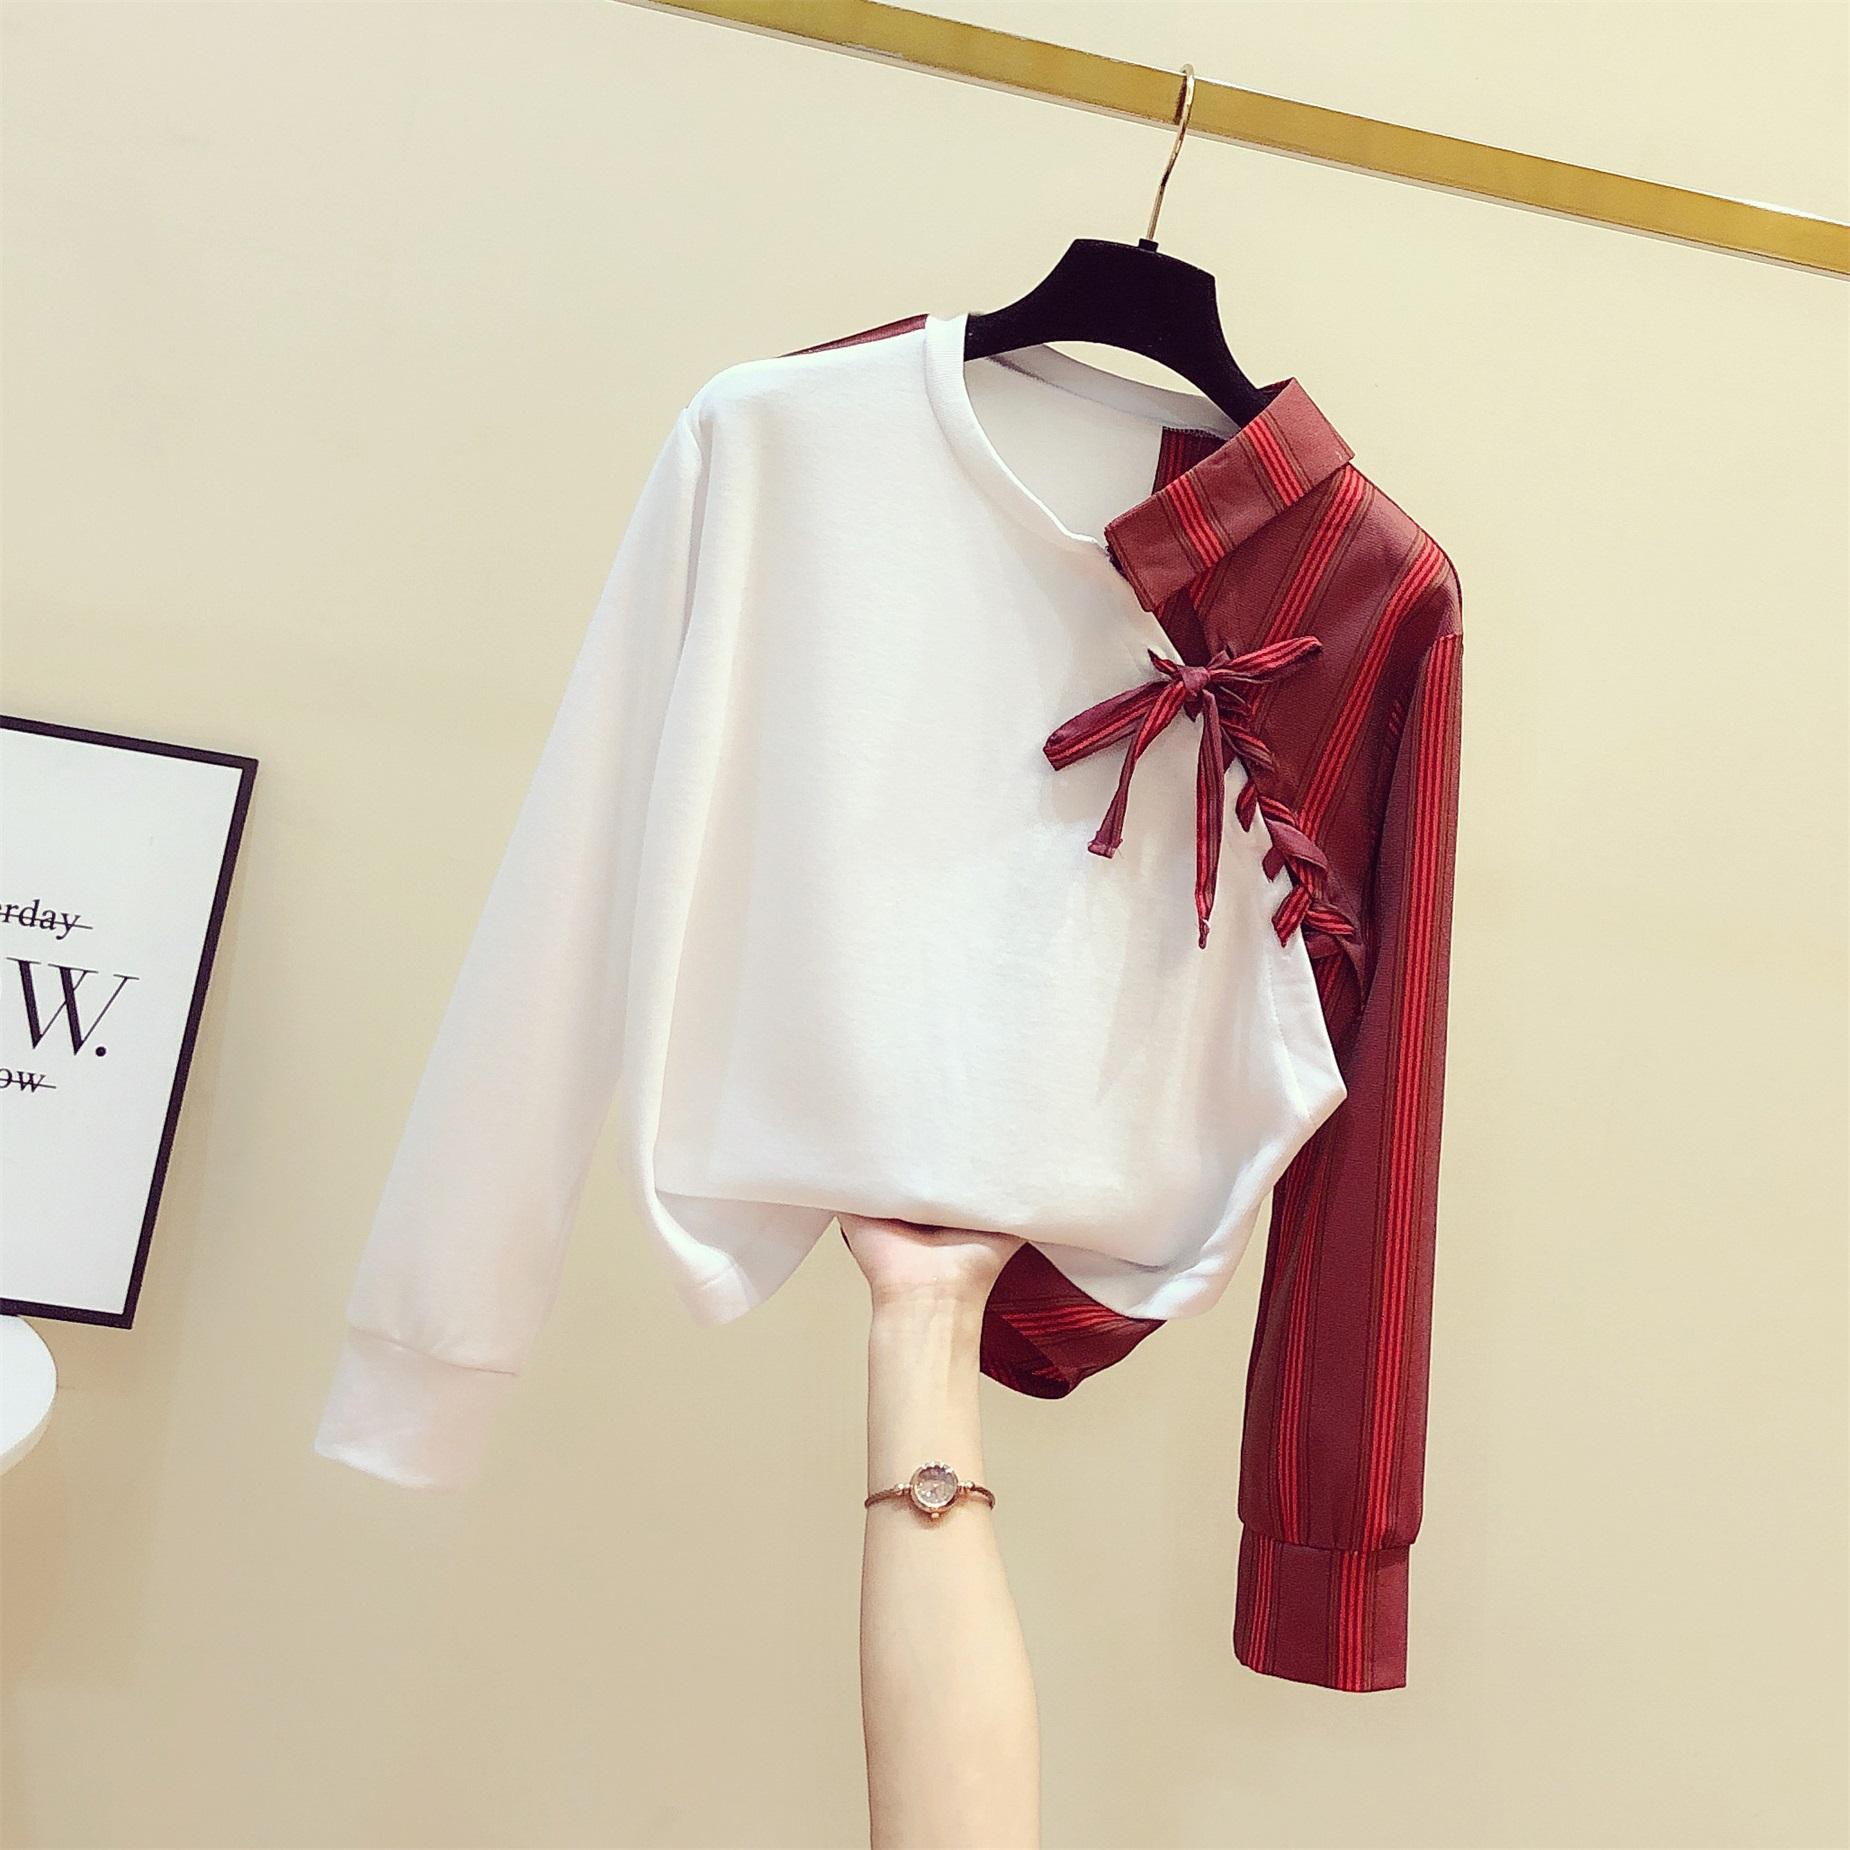 卫衣 假两件卫衣女2020春装新款韩版拼接不规则条纹衬衫休闲长袖上衣潮_推荐淘宝好看的女卫衣